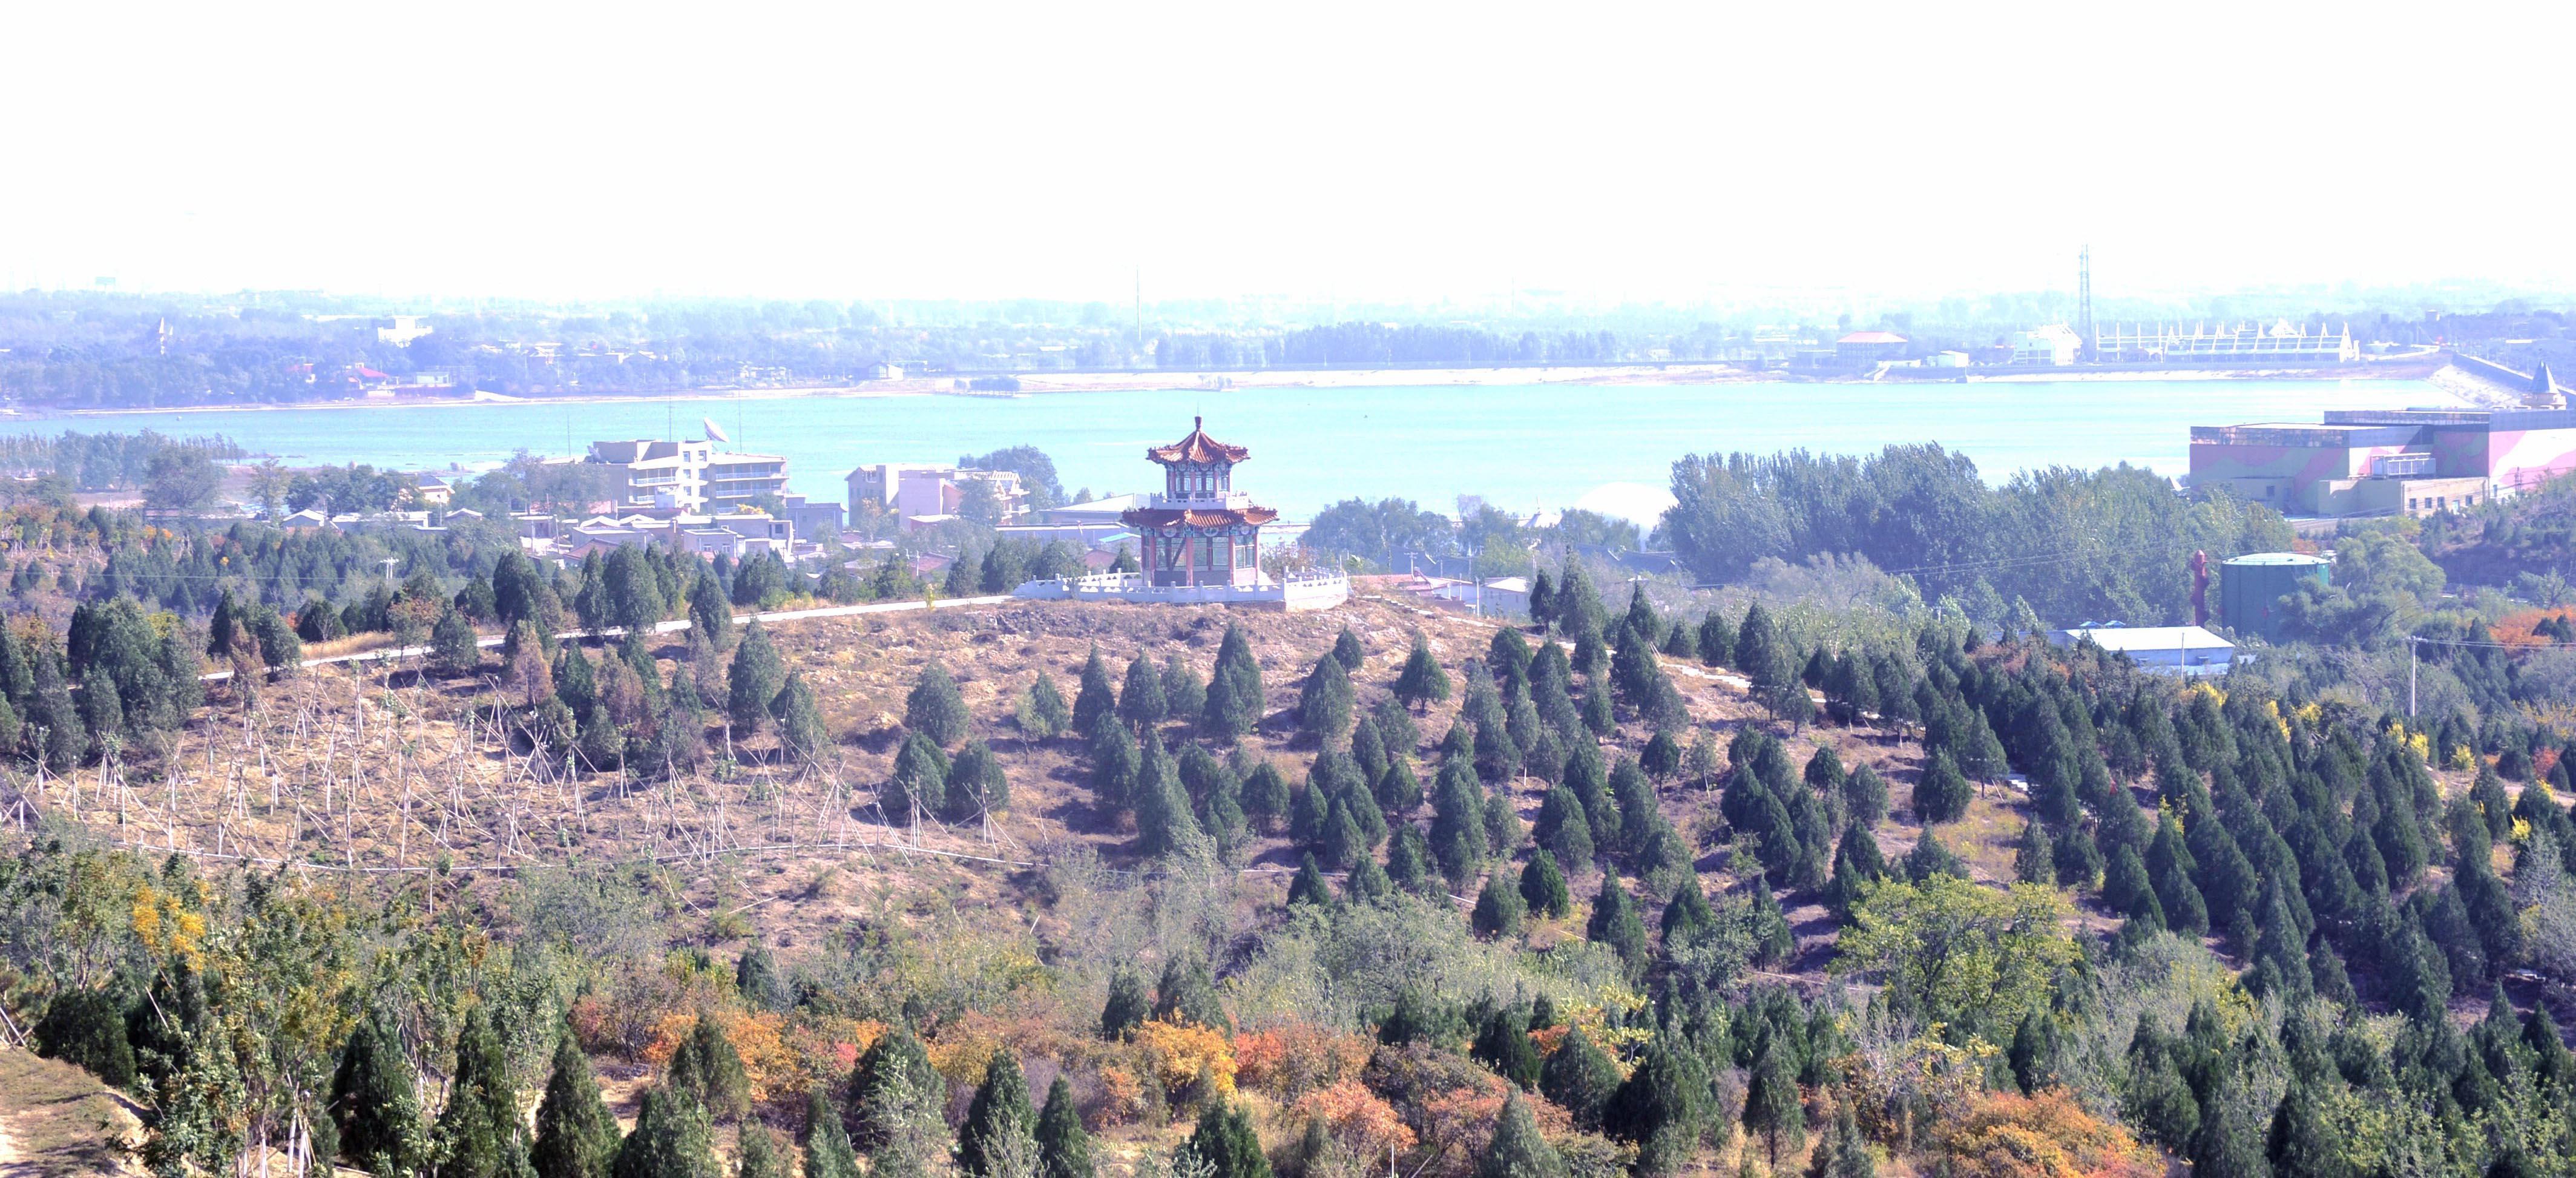 京西林场的前身京煤林场成立于1964年。林场由分散在门头沟和房山的7个林区组成。这个季节,如果从高空俯瞰,这片近18万亩的林海,连绵于京西山峦上,构成一道浓墨重彩的绿色屏障。 从门头沟城区往西45公里,大台地区的曹家铺,是距离北京城最近的林场片区。乘坐越野车,沿3米多宽的土石路上山,夏日炙热、刺目的阳光很快被浓密、连片的树荫遮蔽,山上山下,仿佛两个季节。 这片林子也有50多年了。京西林场林业科科长曹治峰说,原京煤林场的林地普遍建于上世纪五六十年代。当时,国家大力提倡煤矿企业建坑木林。 所谓